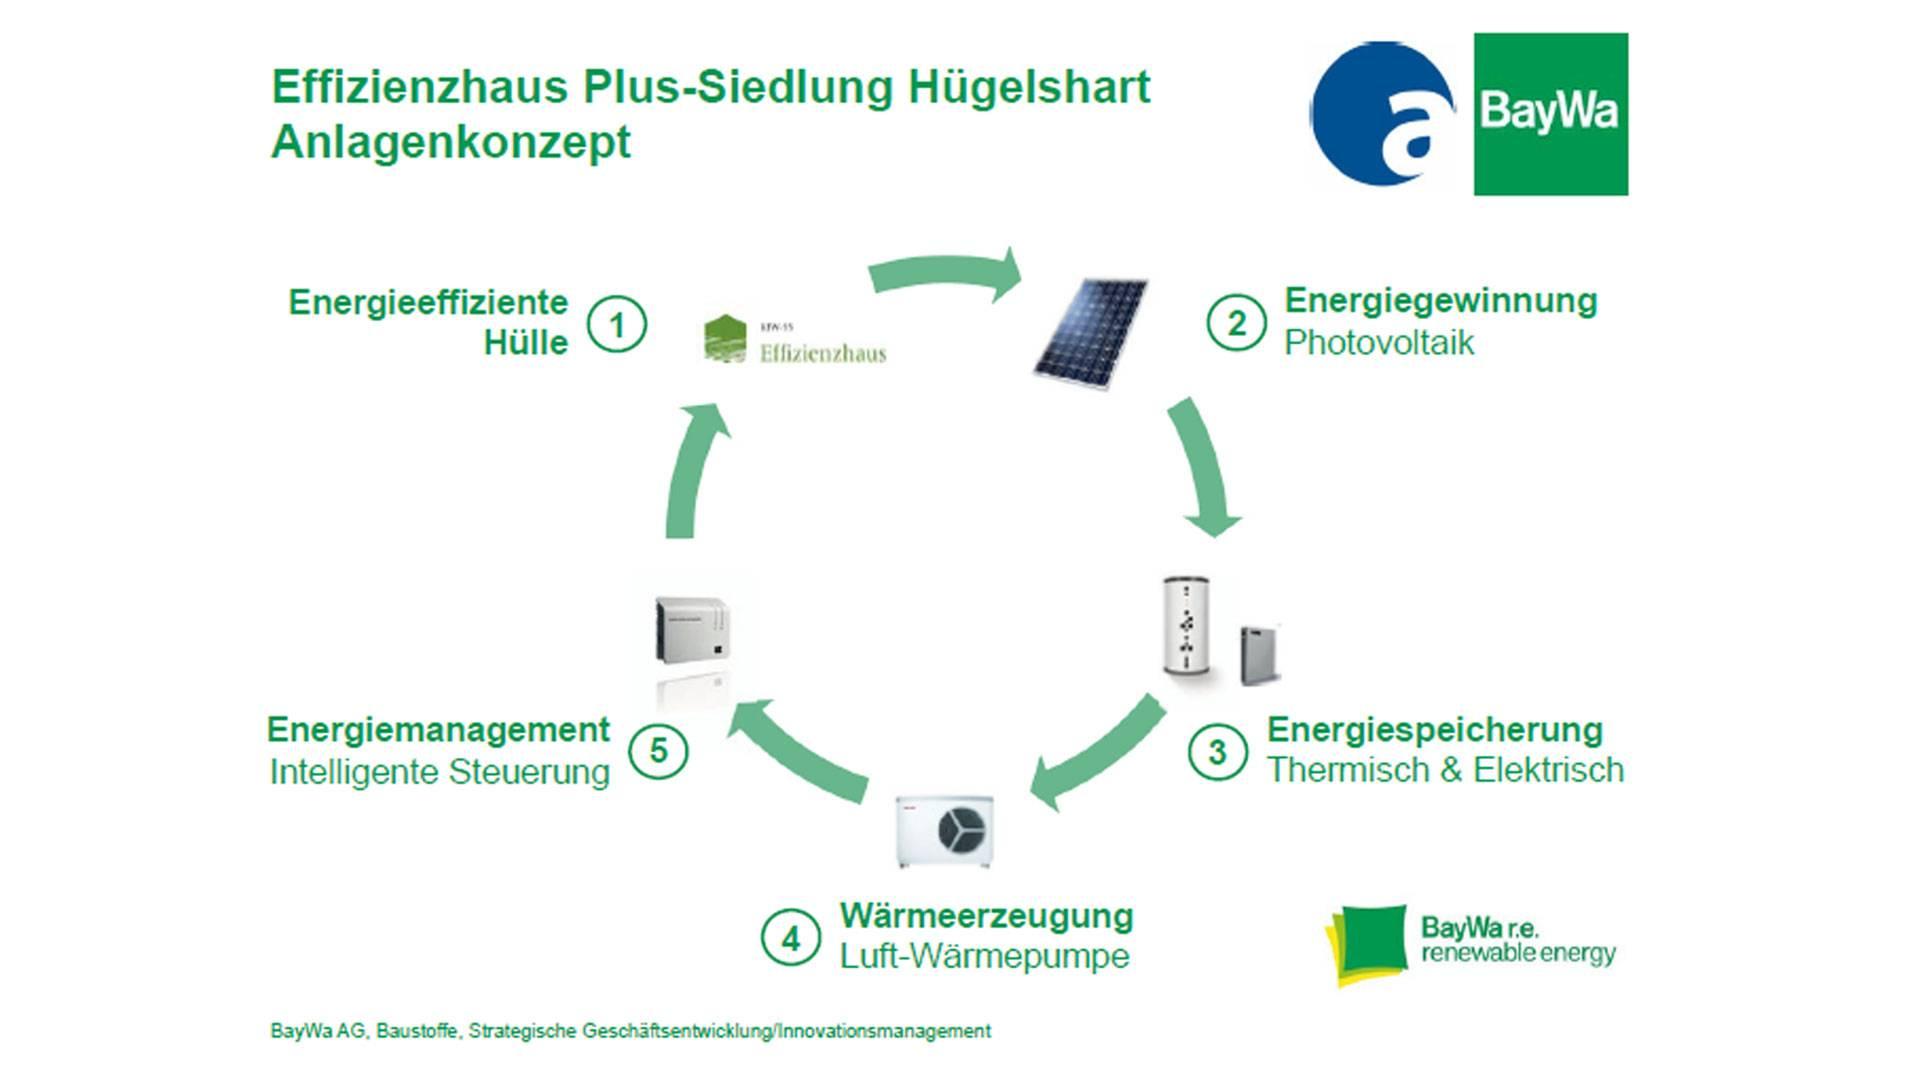 Effizienzhaus Plus-Siedlung Anlagenkonzept